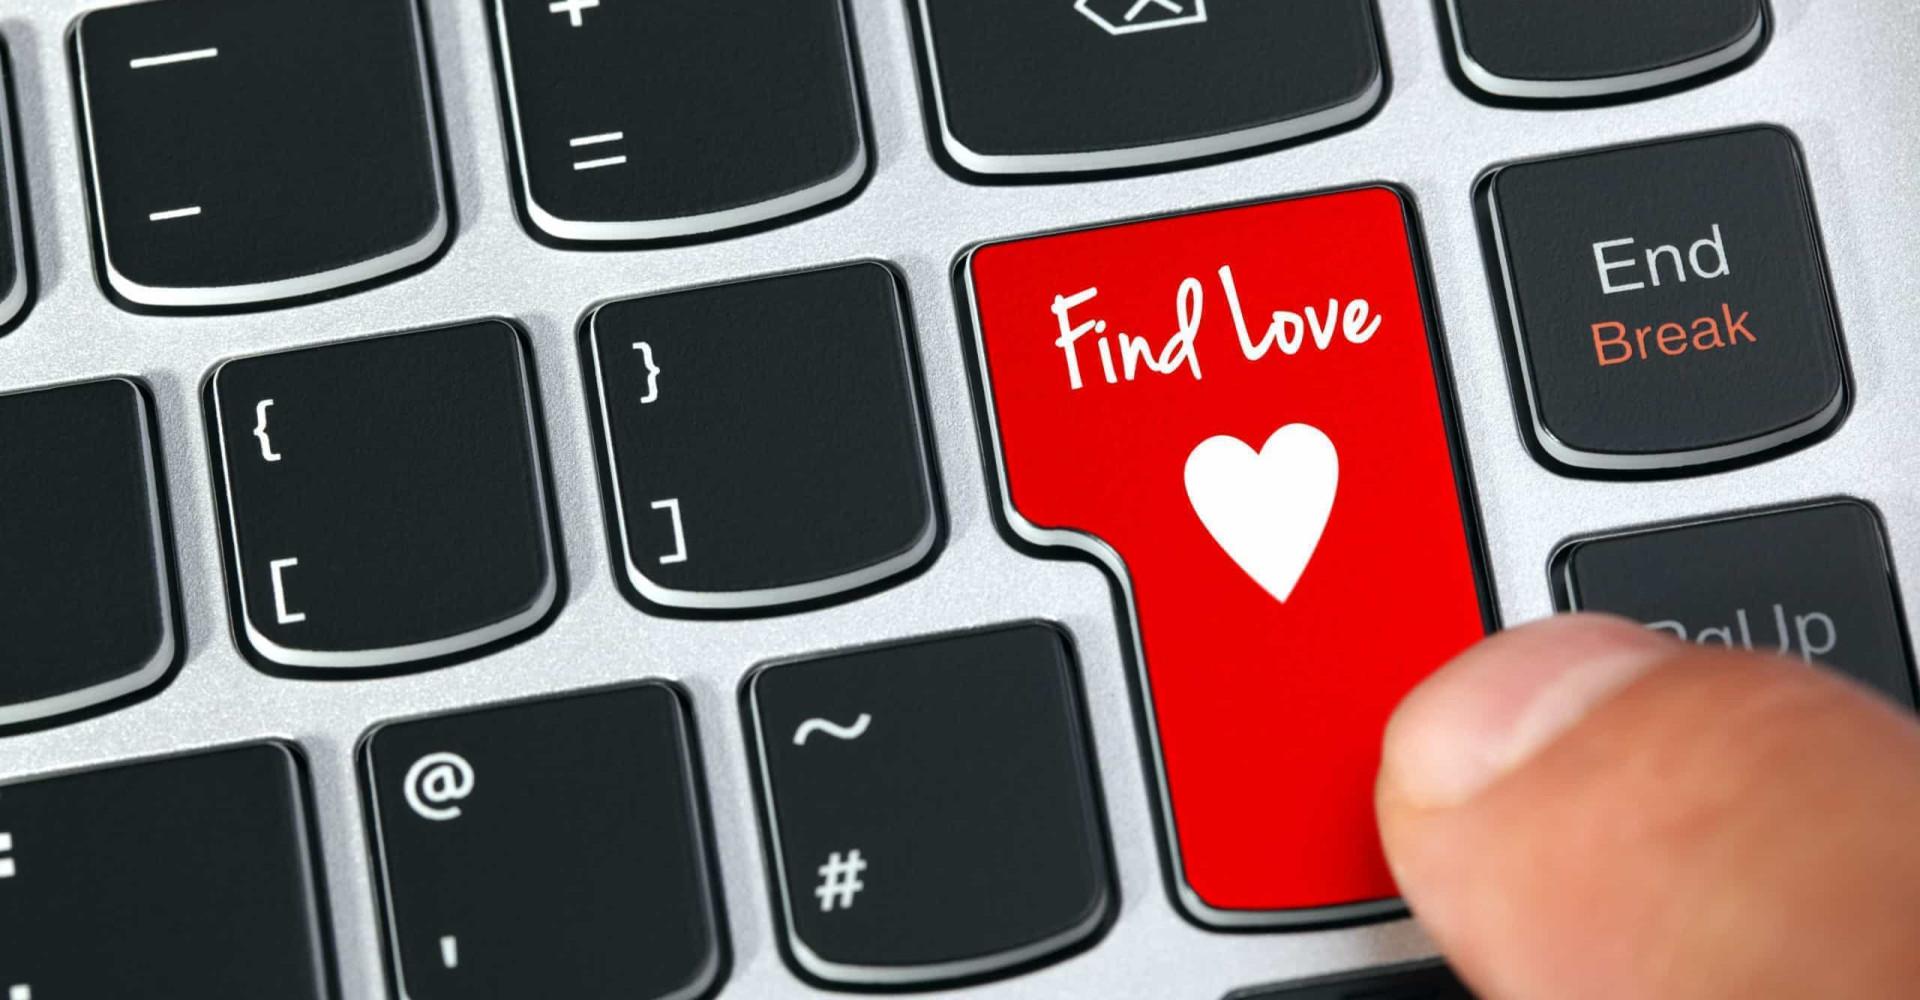 Era digital: cómo encontrar el amor en la red